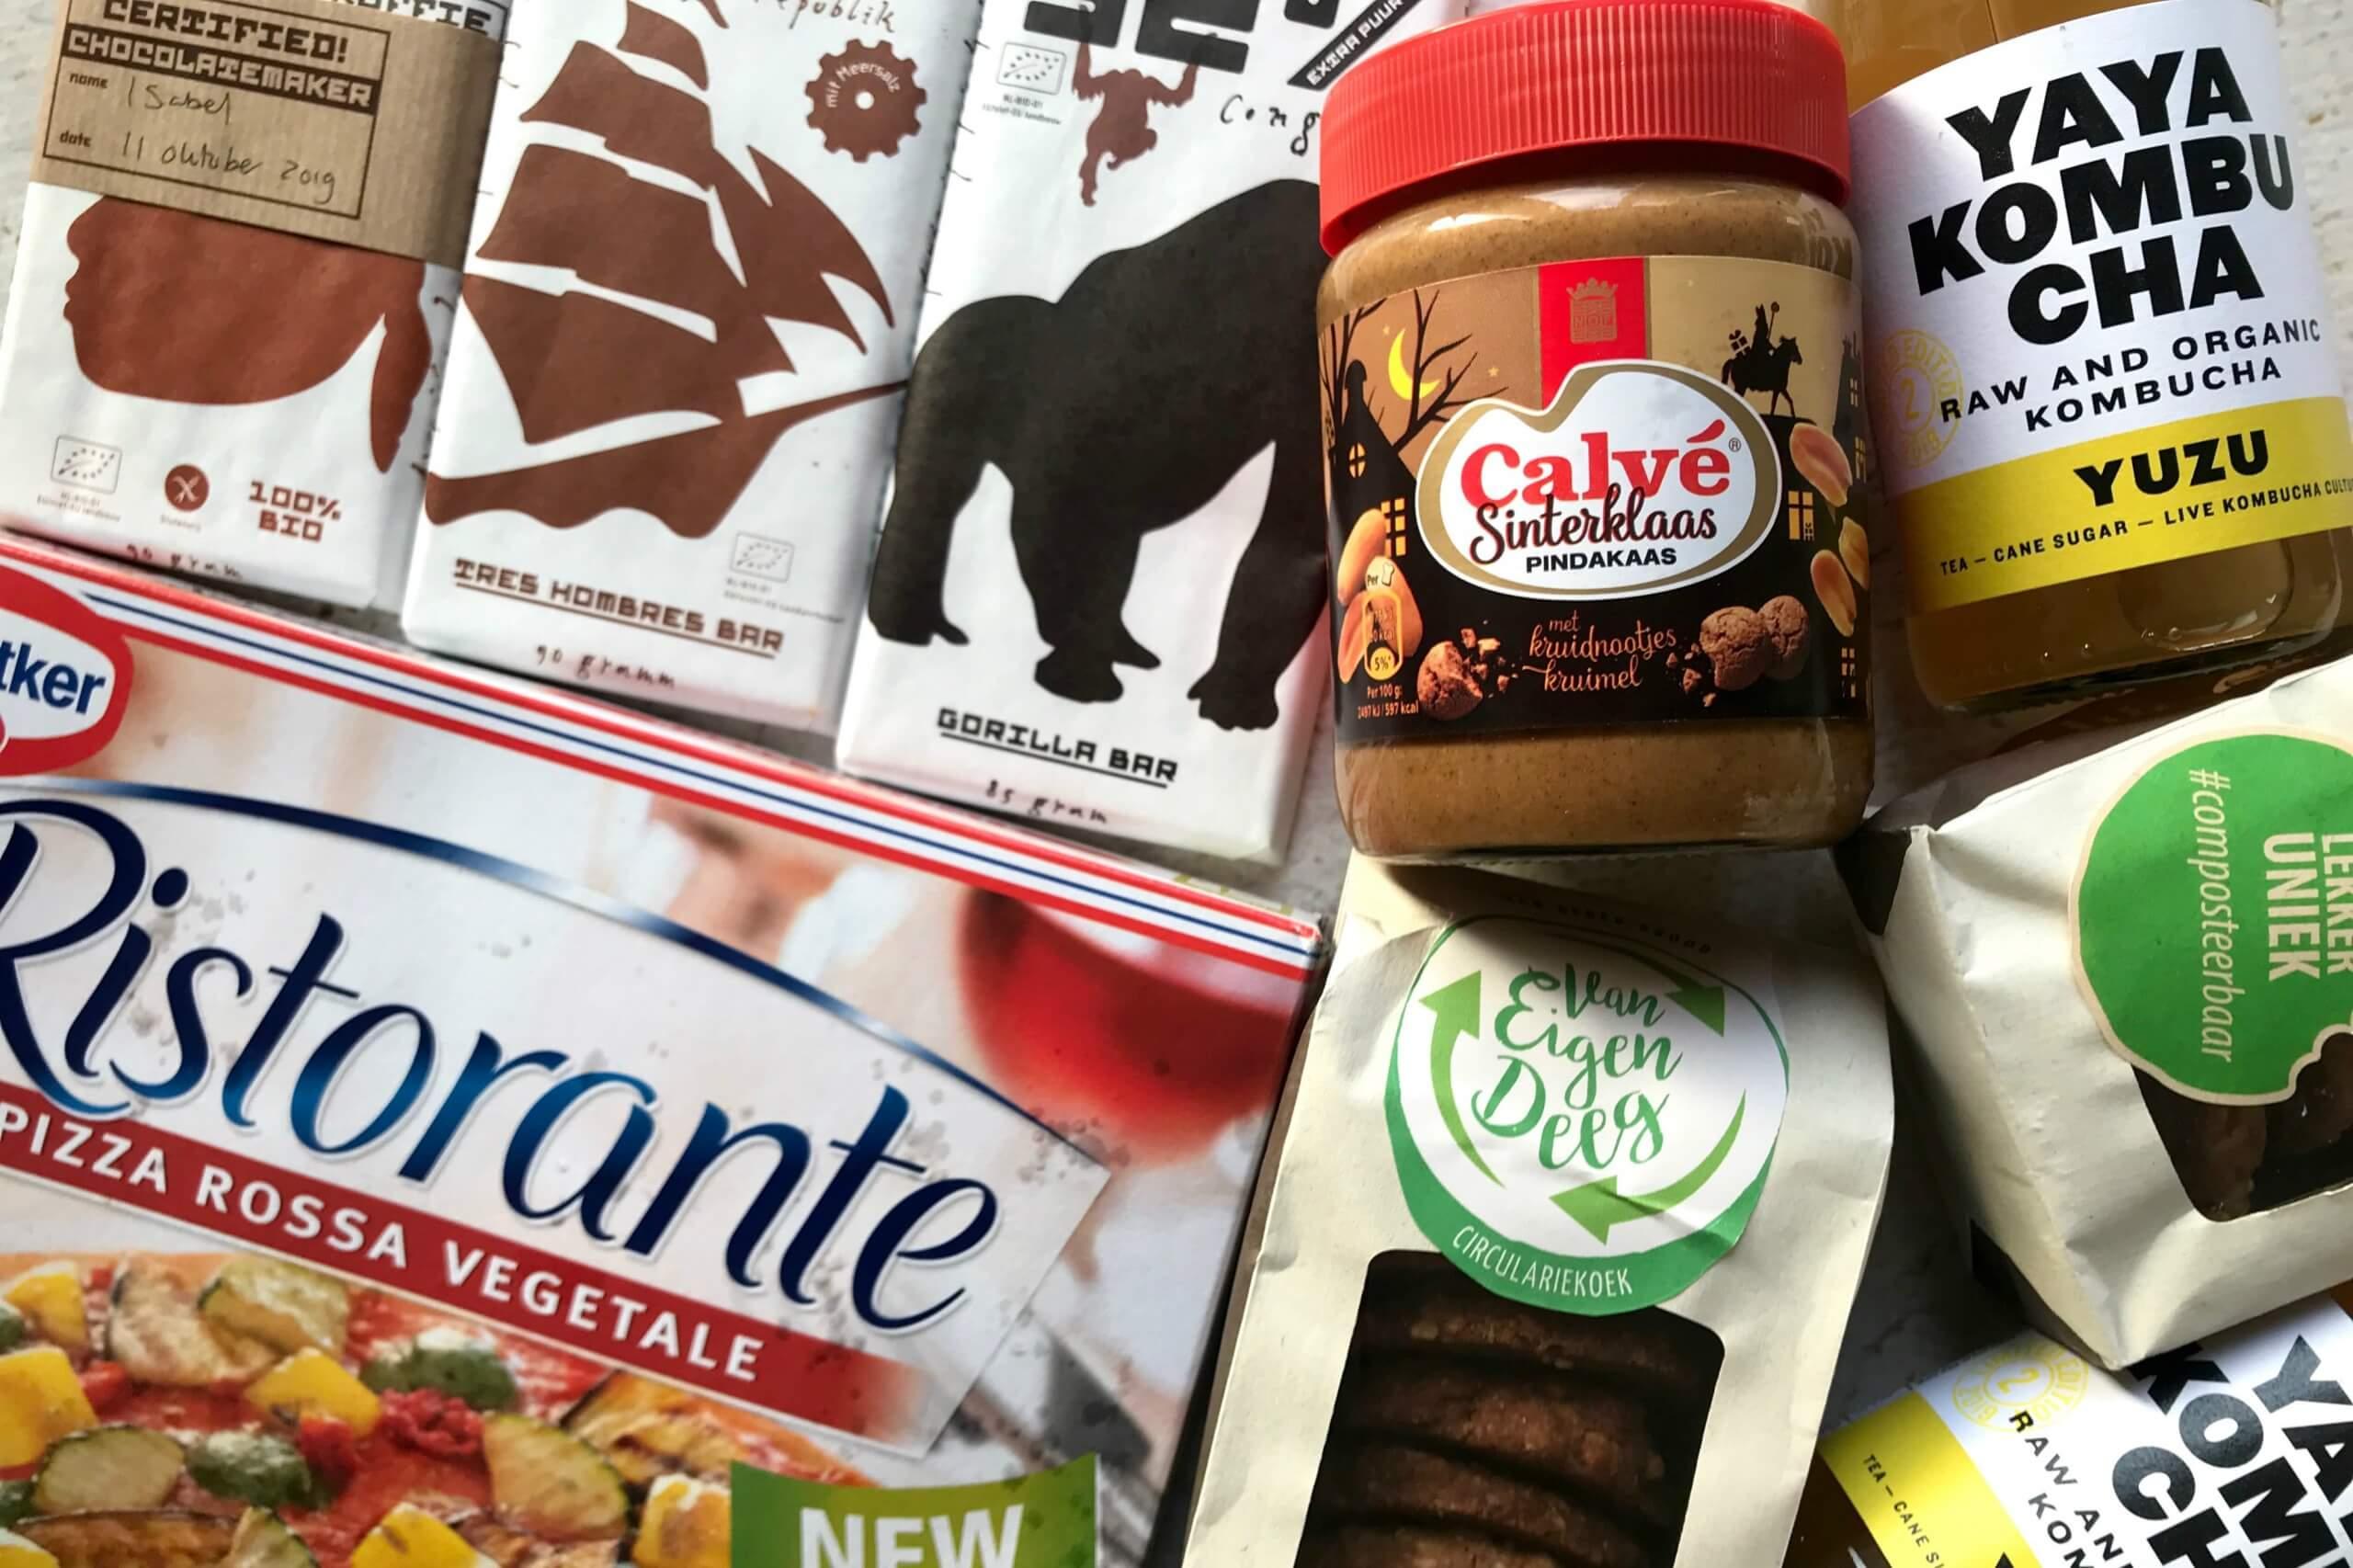 Nieuwe vegetarische producten om te proberen #59